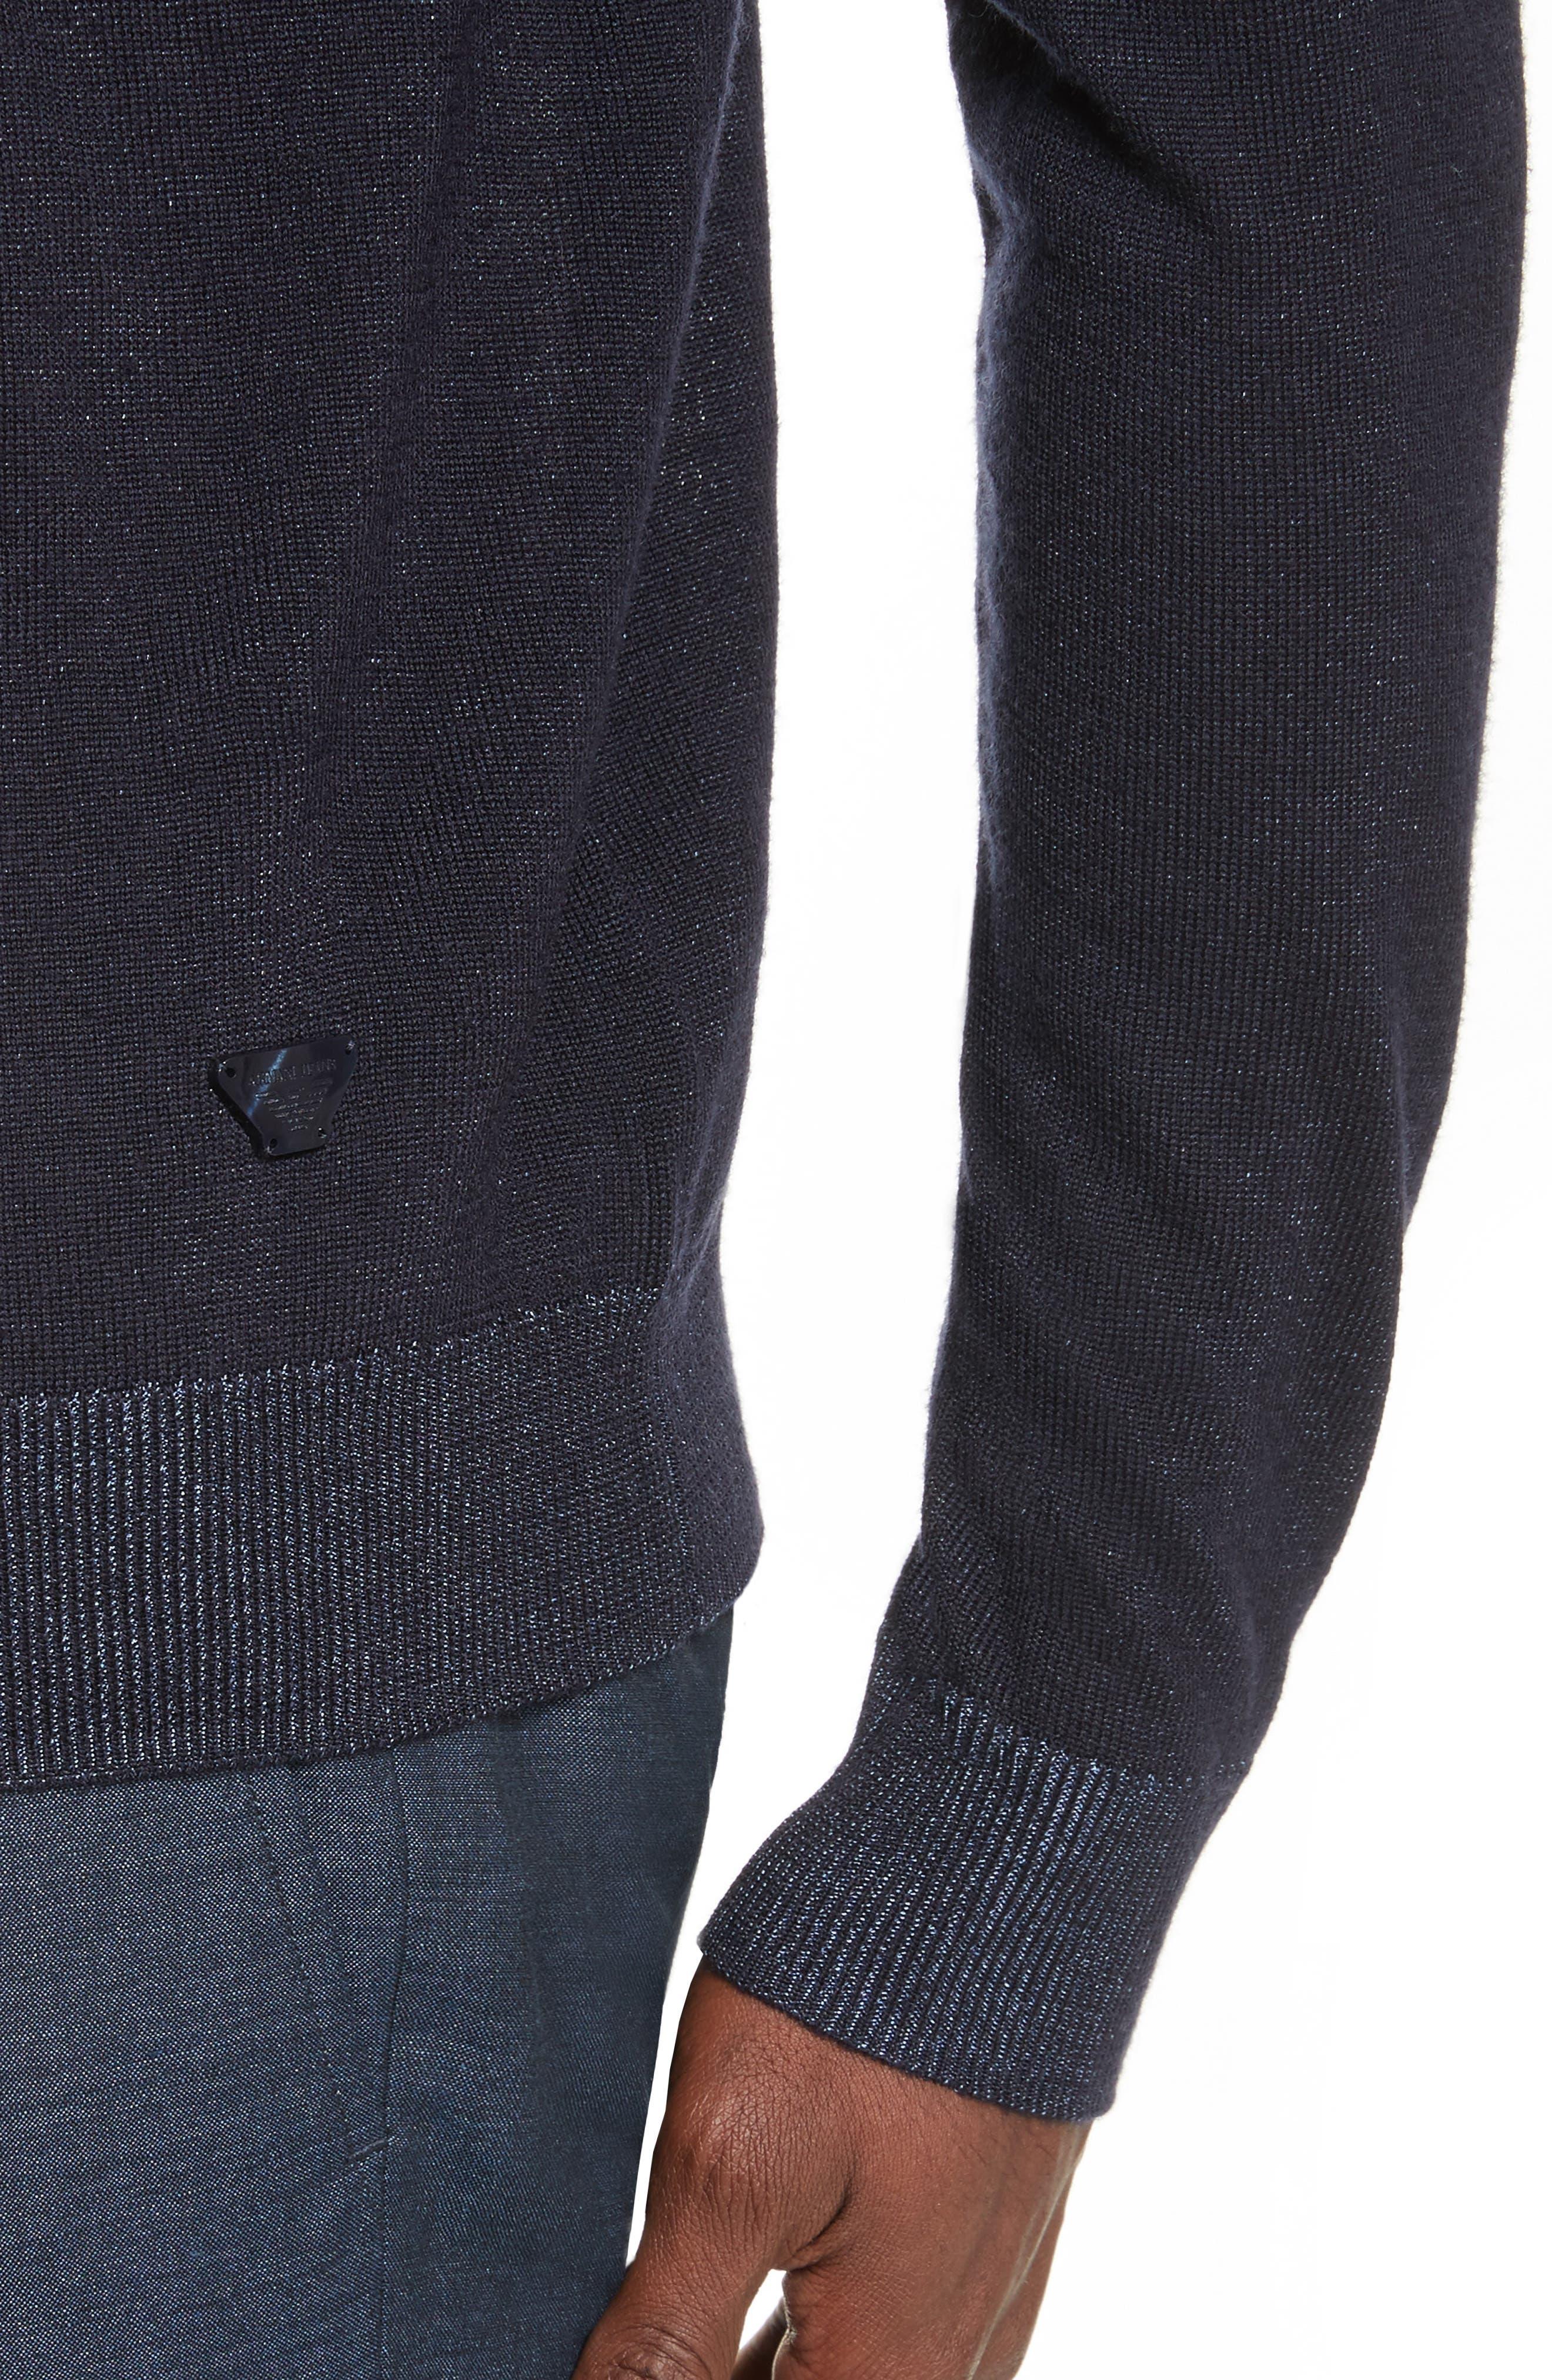 AJ V-Neck Sweater,                             Alternate thumbnail 4, color,                             Night Blue